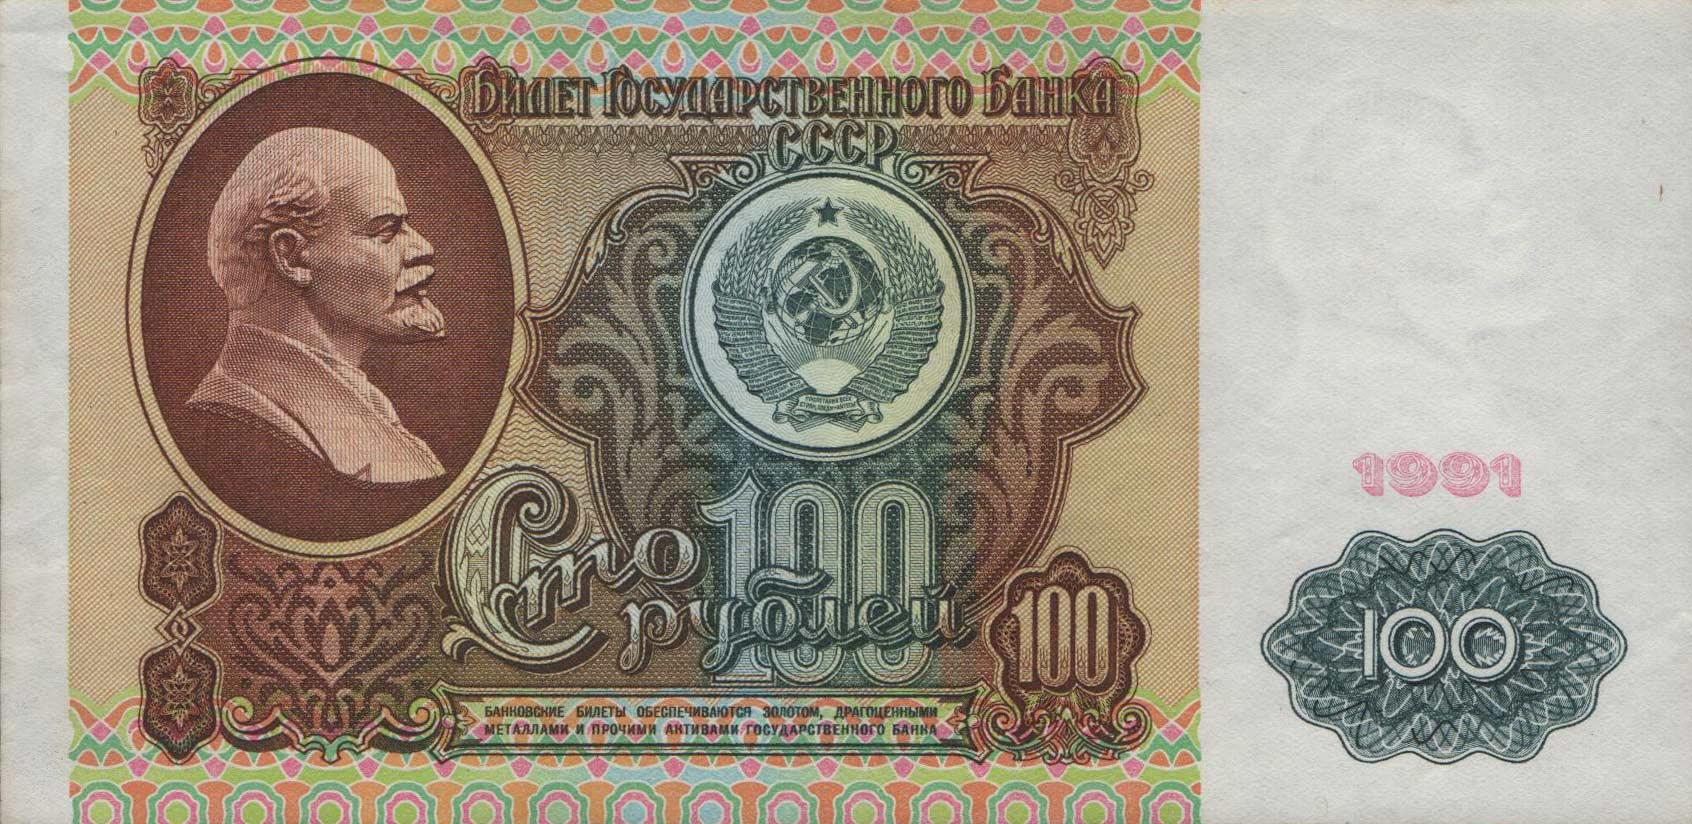 Сколько стоят деньги ссср 1961 года монеты англии купить